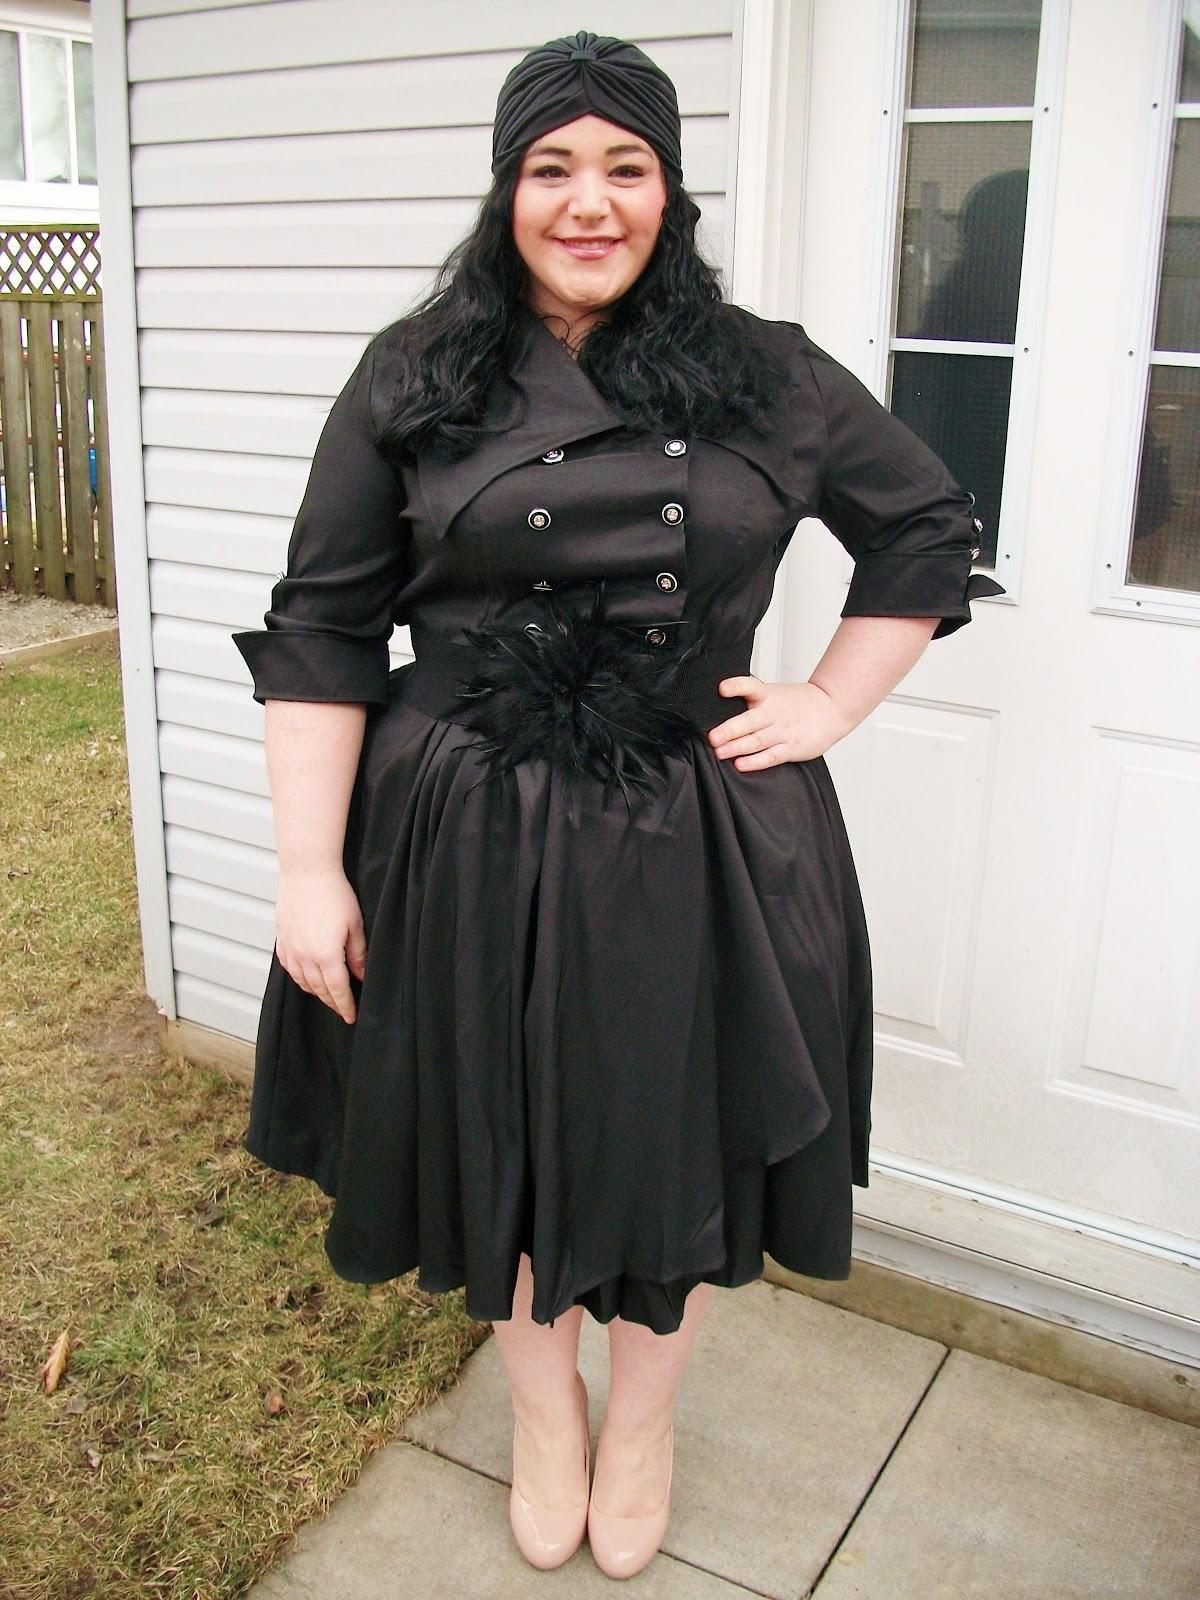 plus size gothic clothing australia 61 pvylxuz